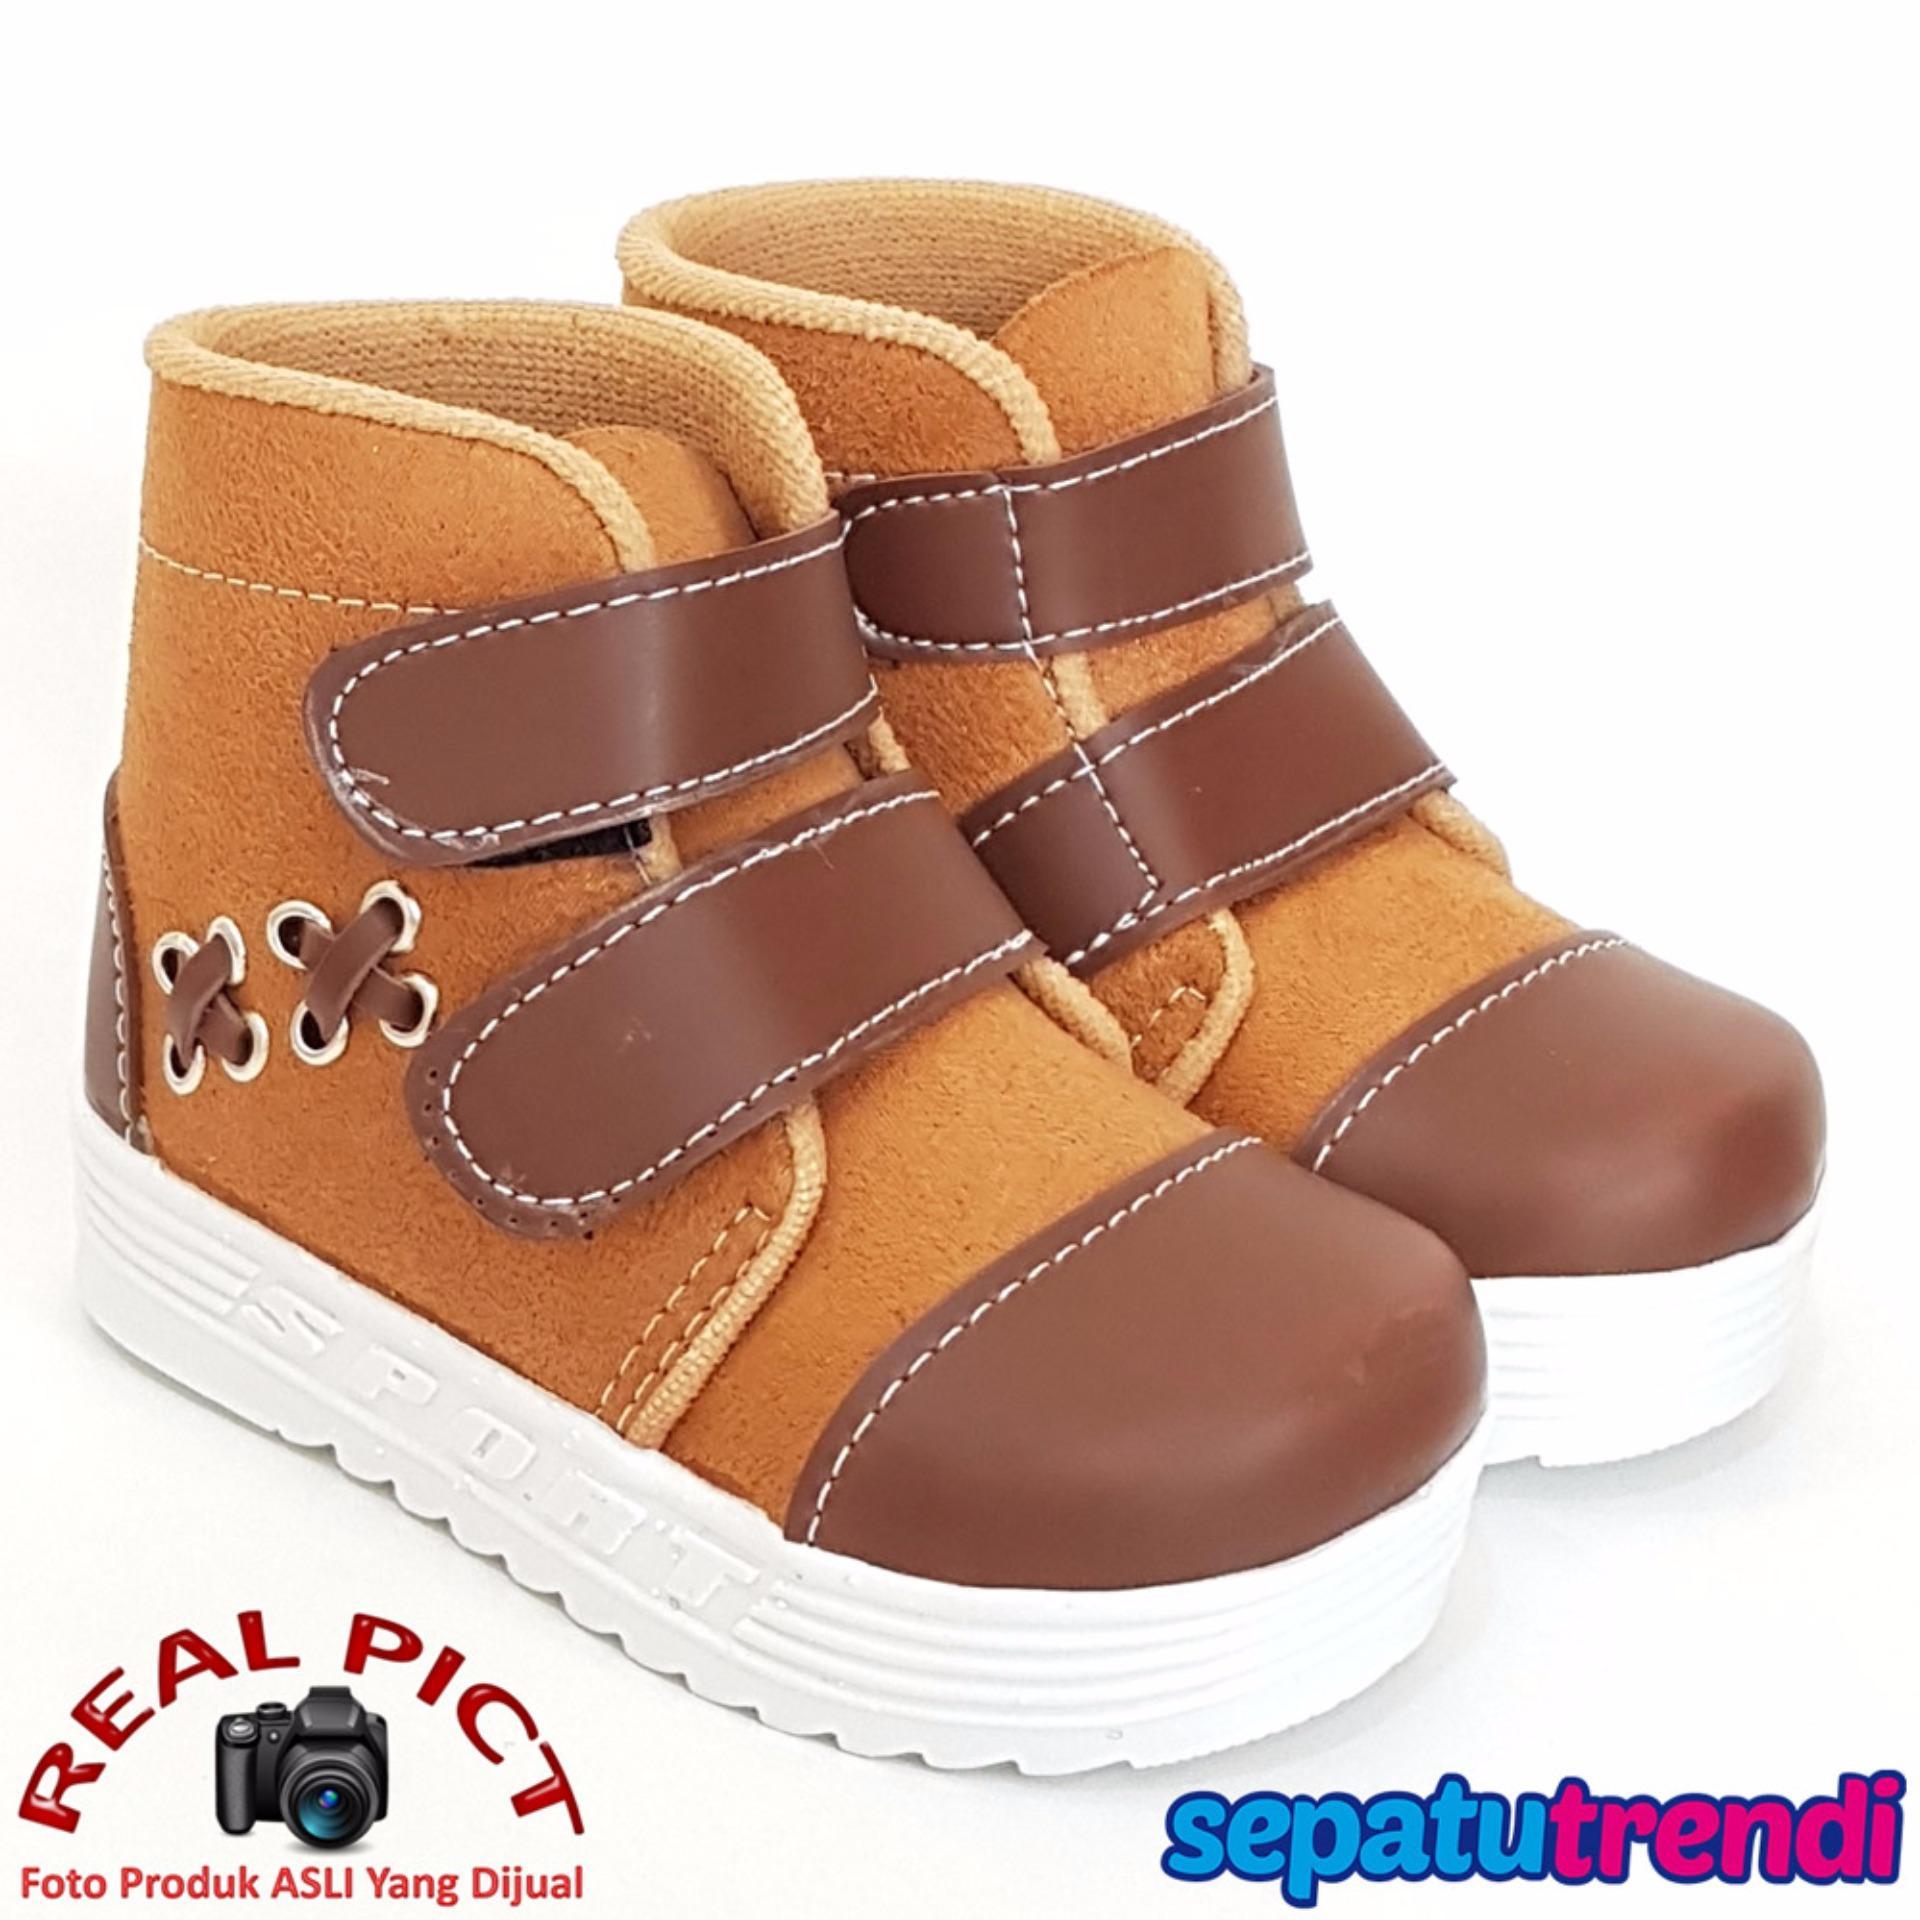 TrendiShoes Sepatu Boot Anak Laki Suede Velcro XXSP - Tan Coklat